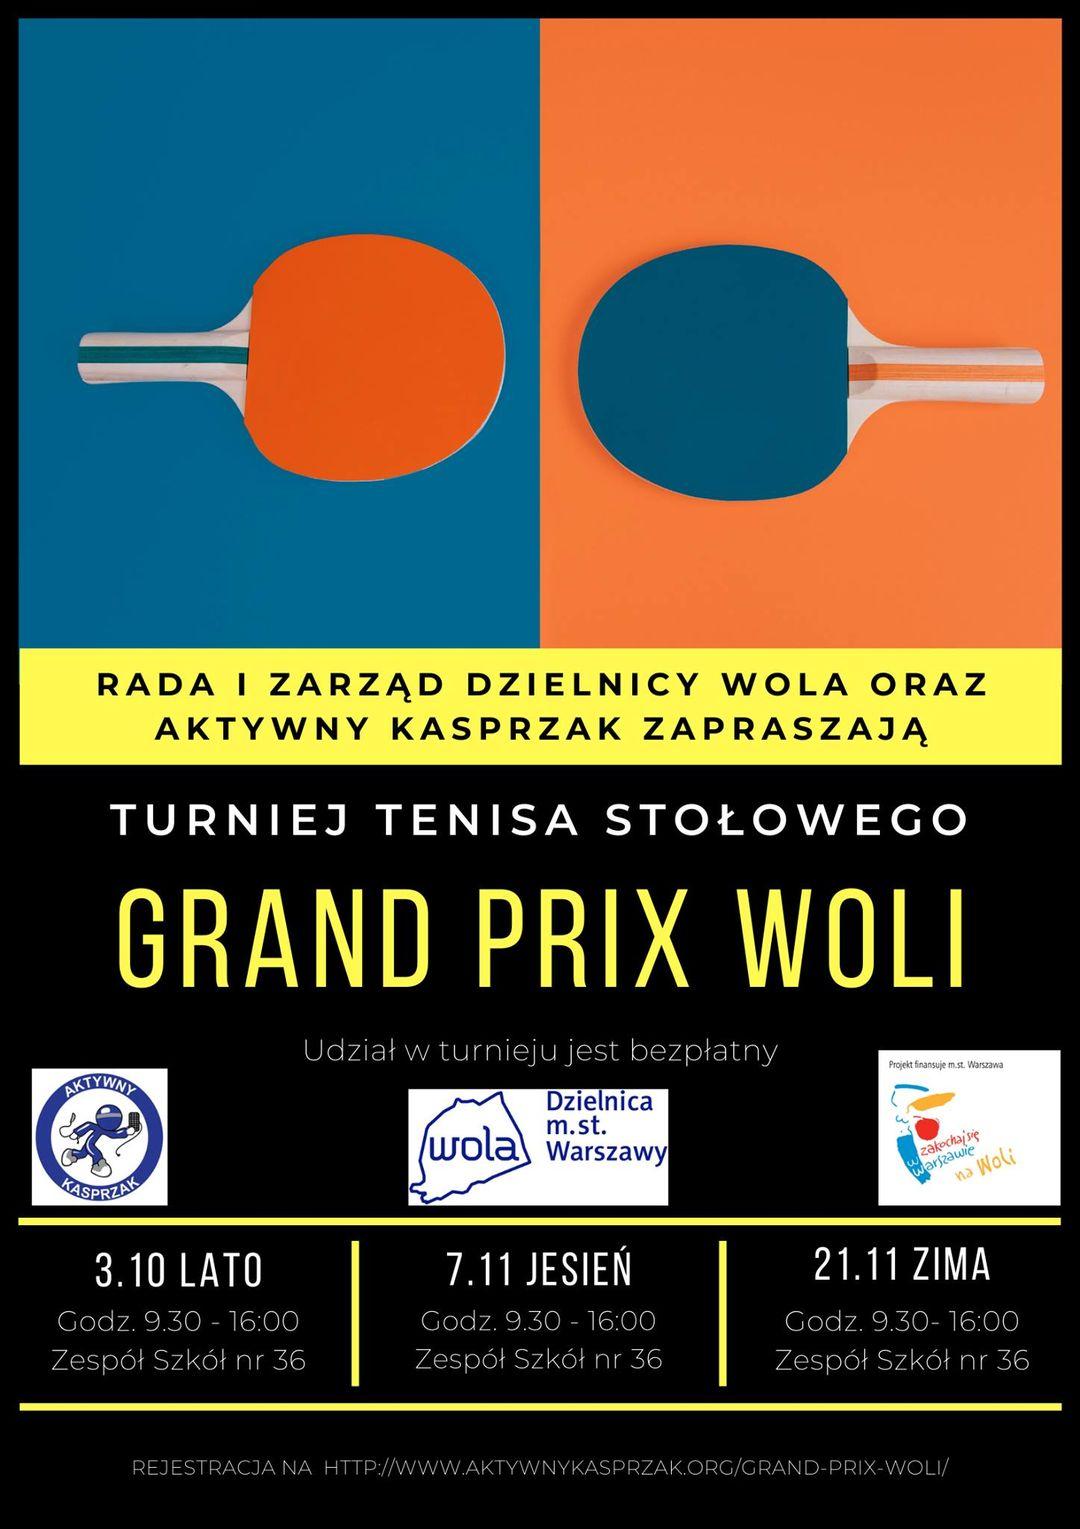 Plakat turnieju Grand Prix Woli 2020 - zima